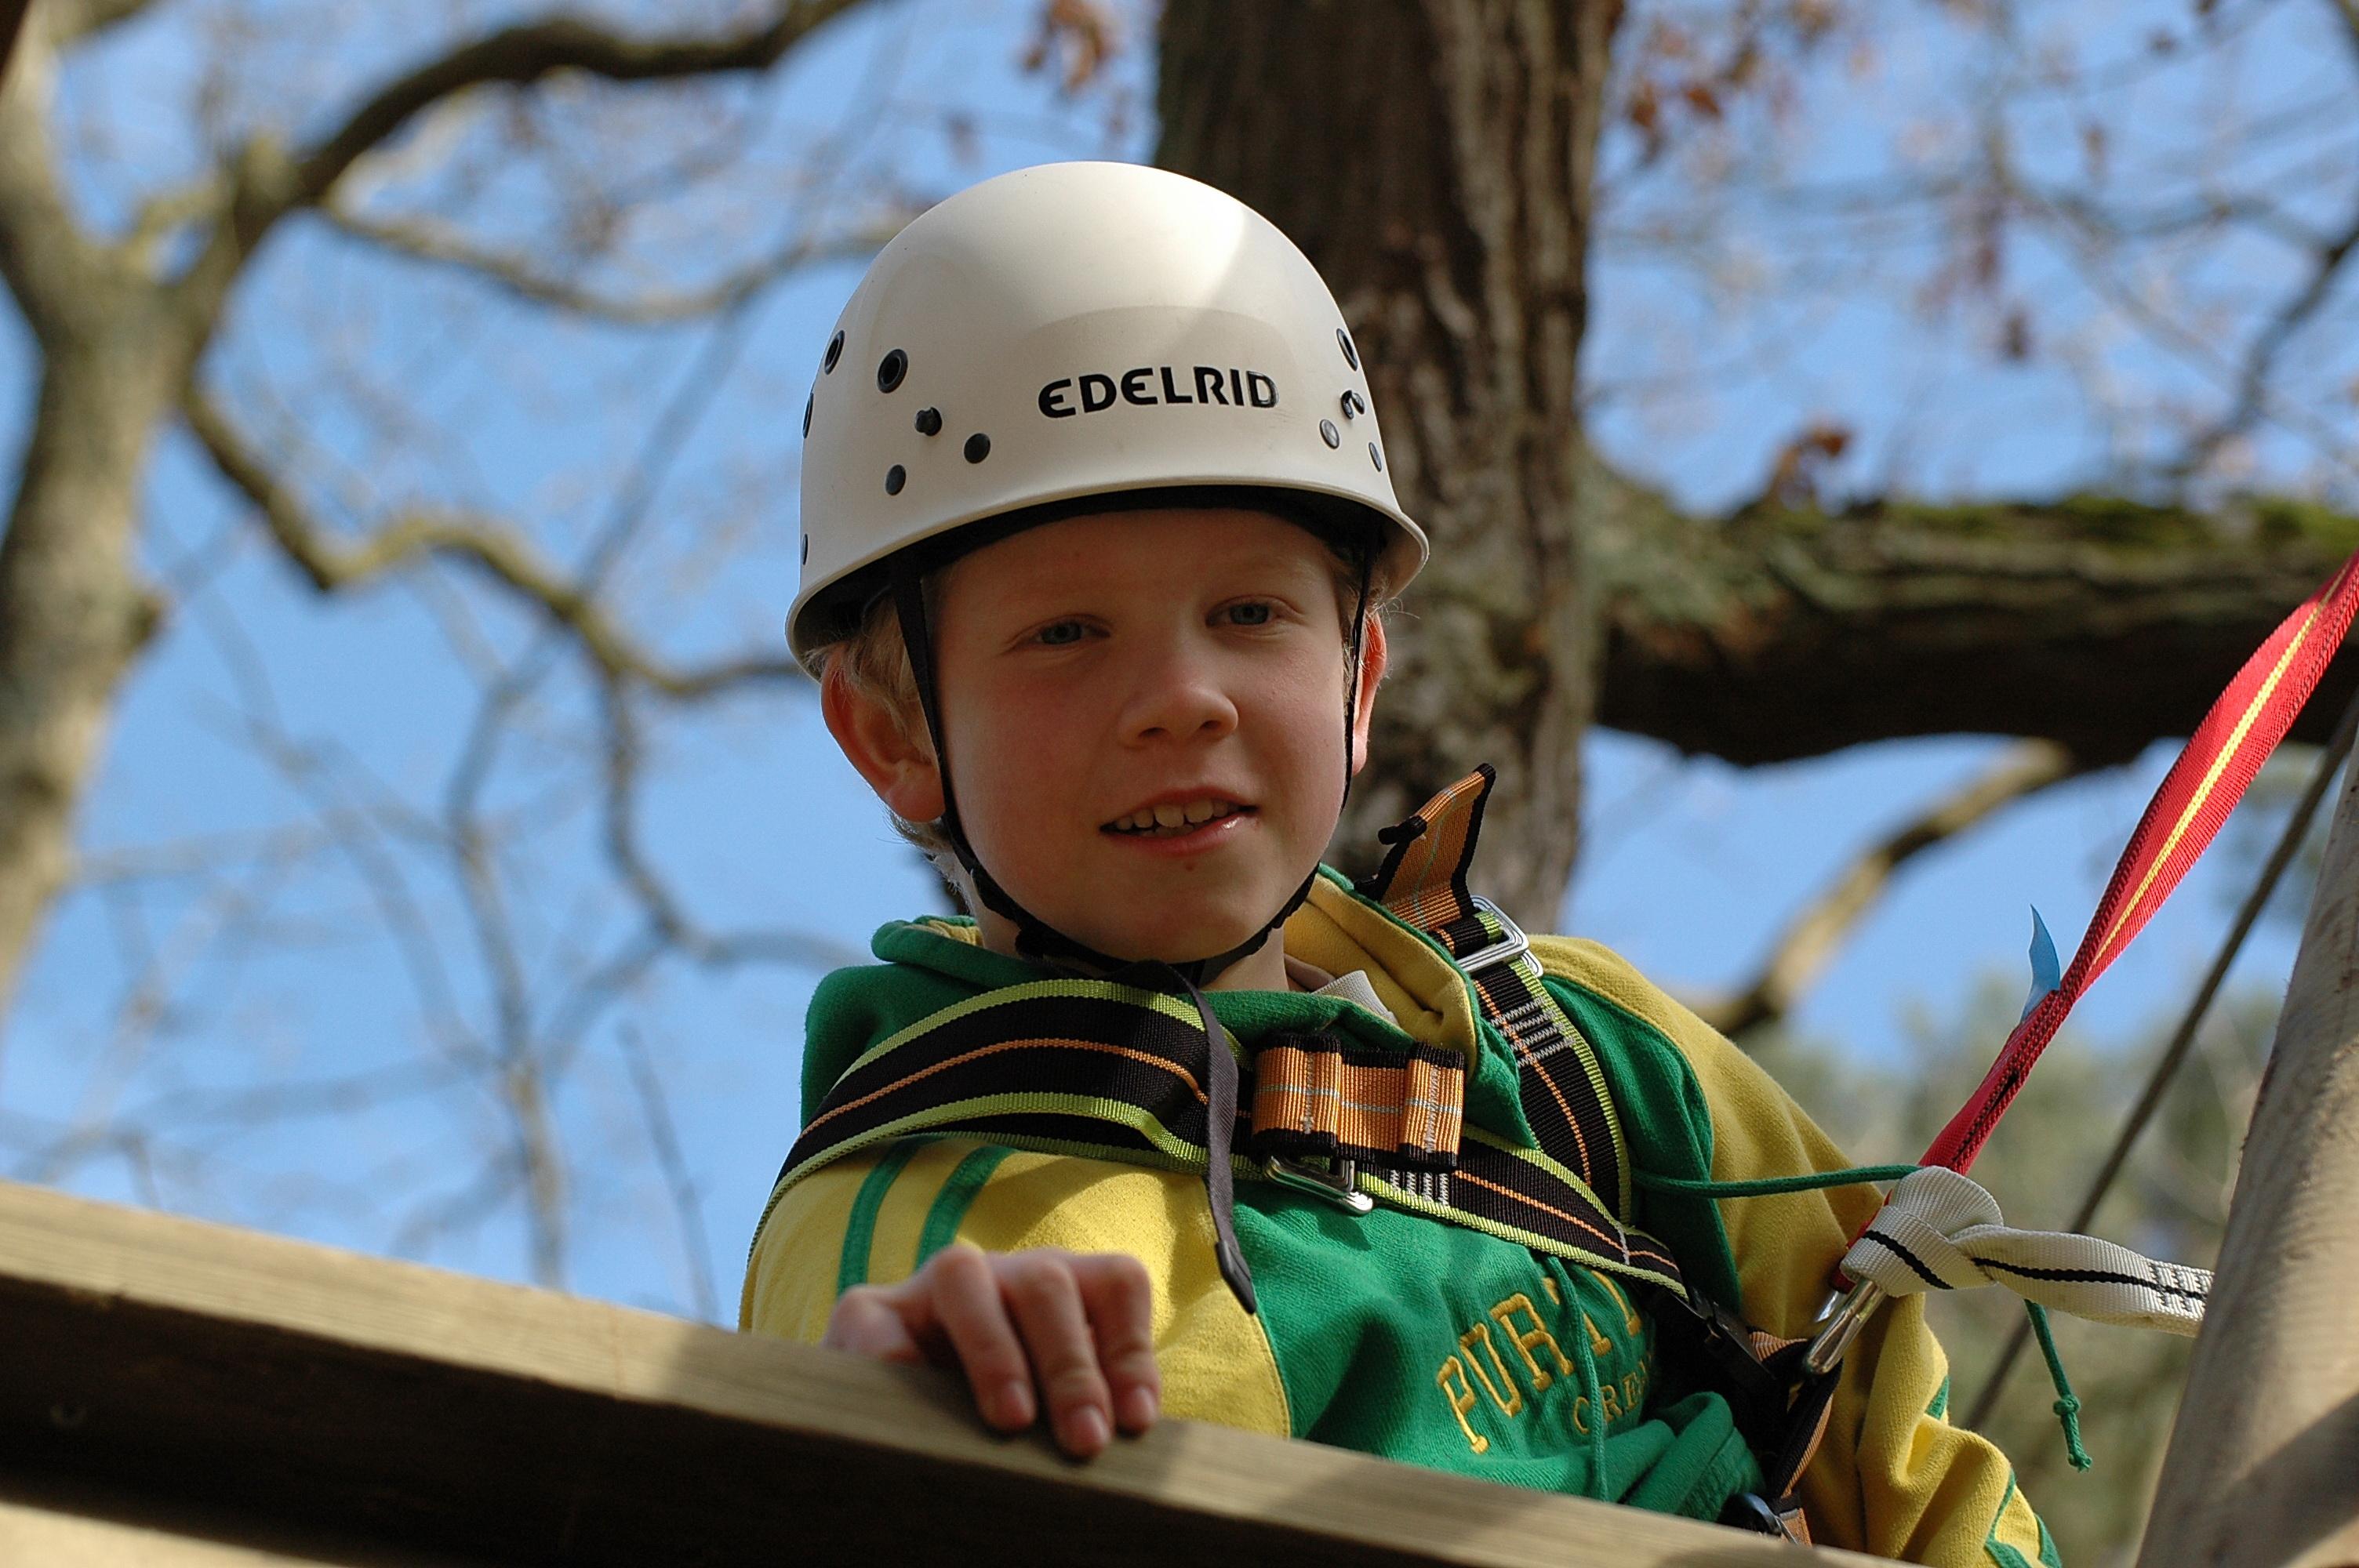 Junge mit Helm beim Klettern